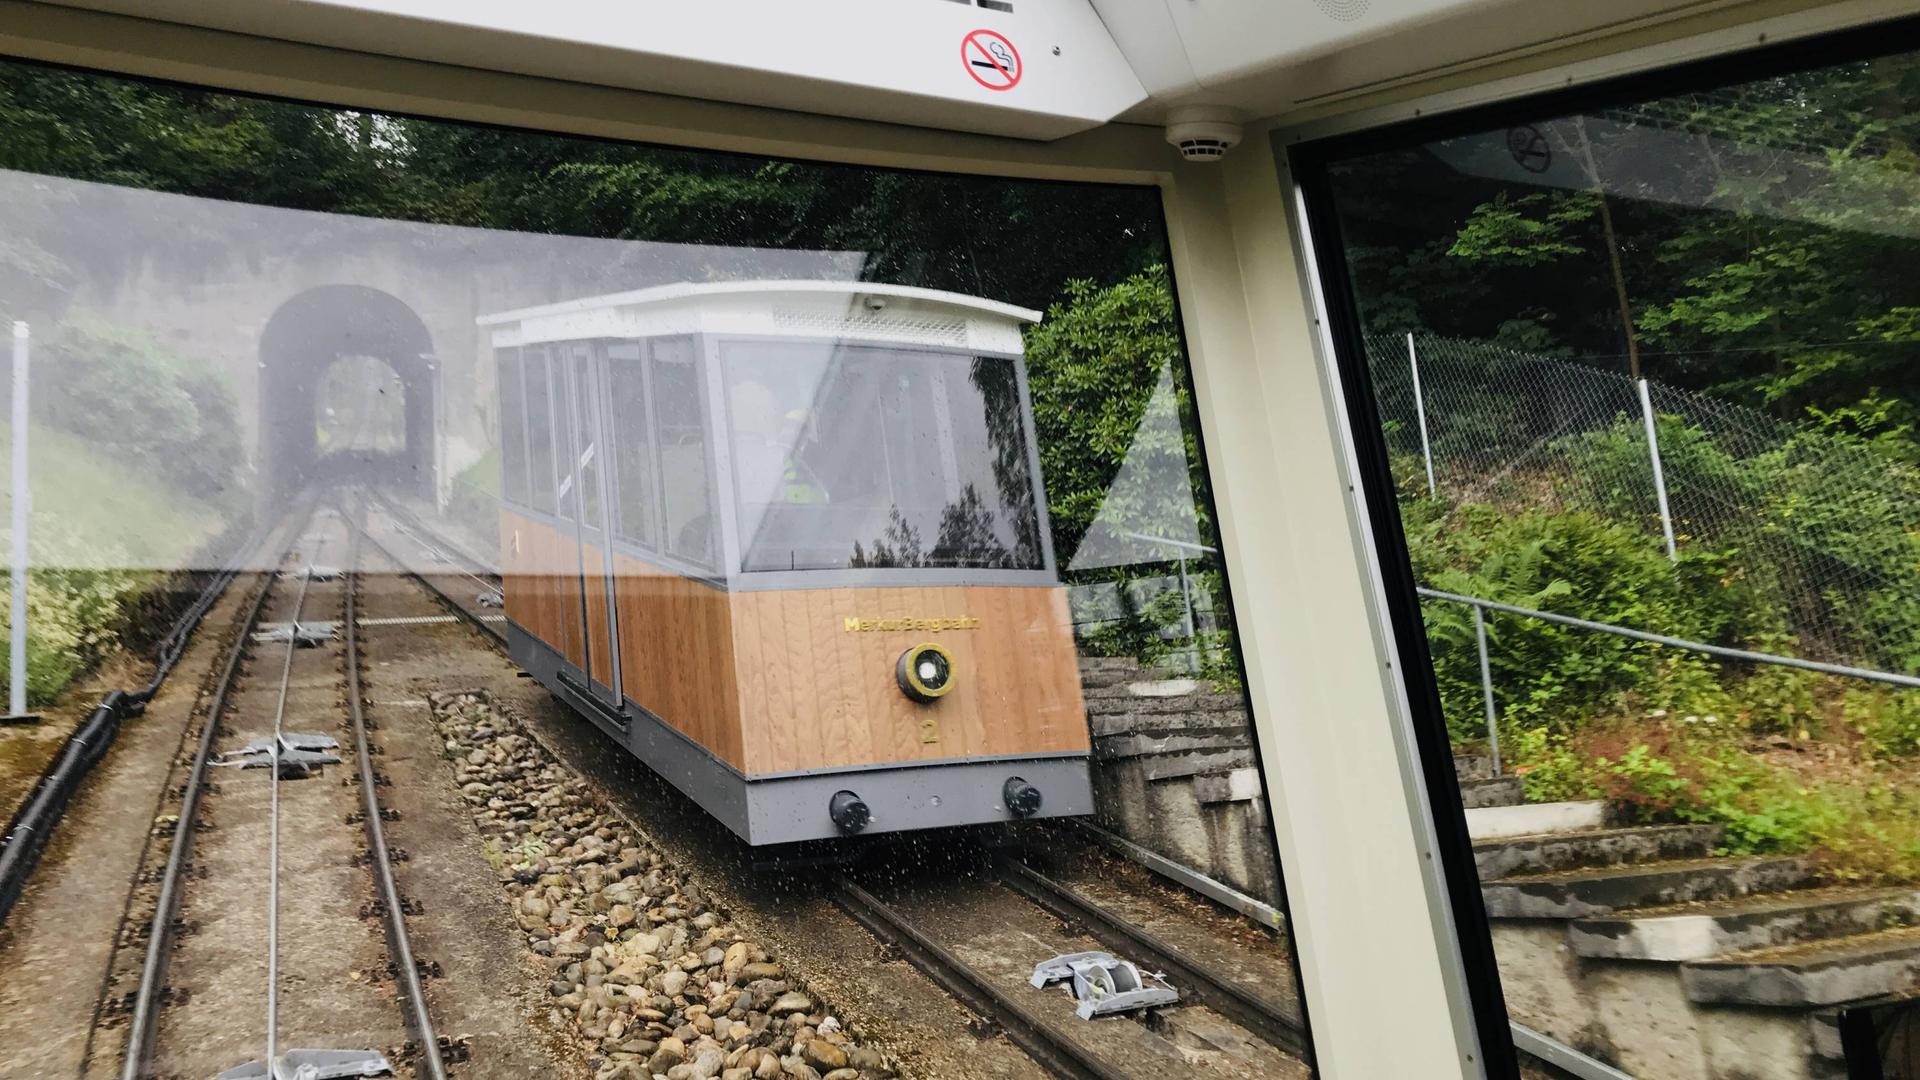 Die Merkurbergbahn passiert auf der Bergfahrt auf einem Ausweichgleis einen Wagen, der zur Talstation unterwegs ist.